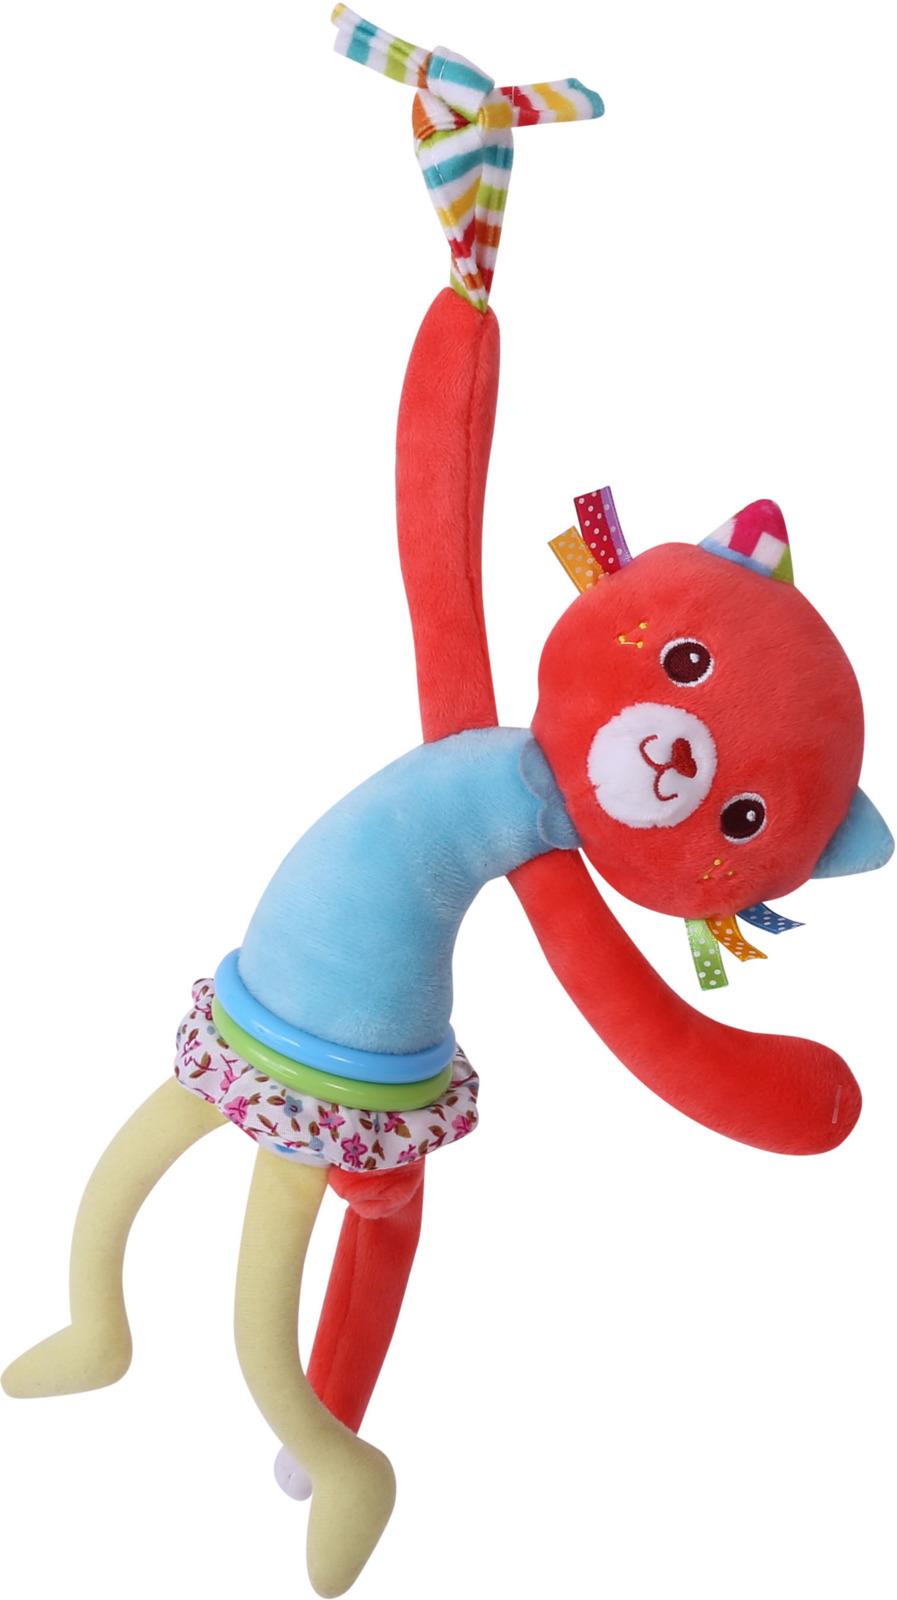 Развивающая игрушка с вибрацией Lorelli Toys Котик. 10191200004 развивающая игрушка lorelli toys слоник 1019117